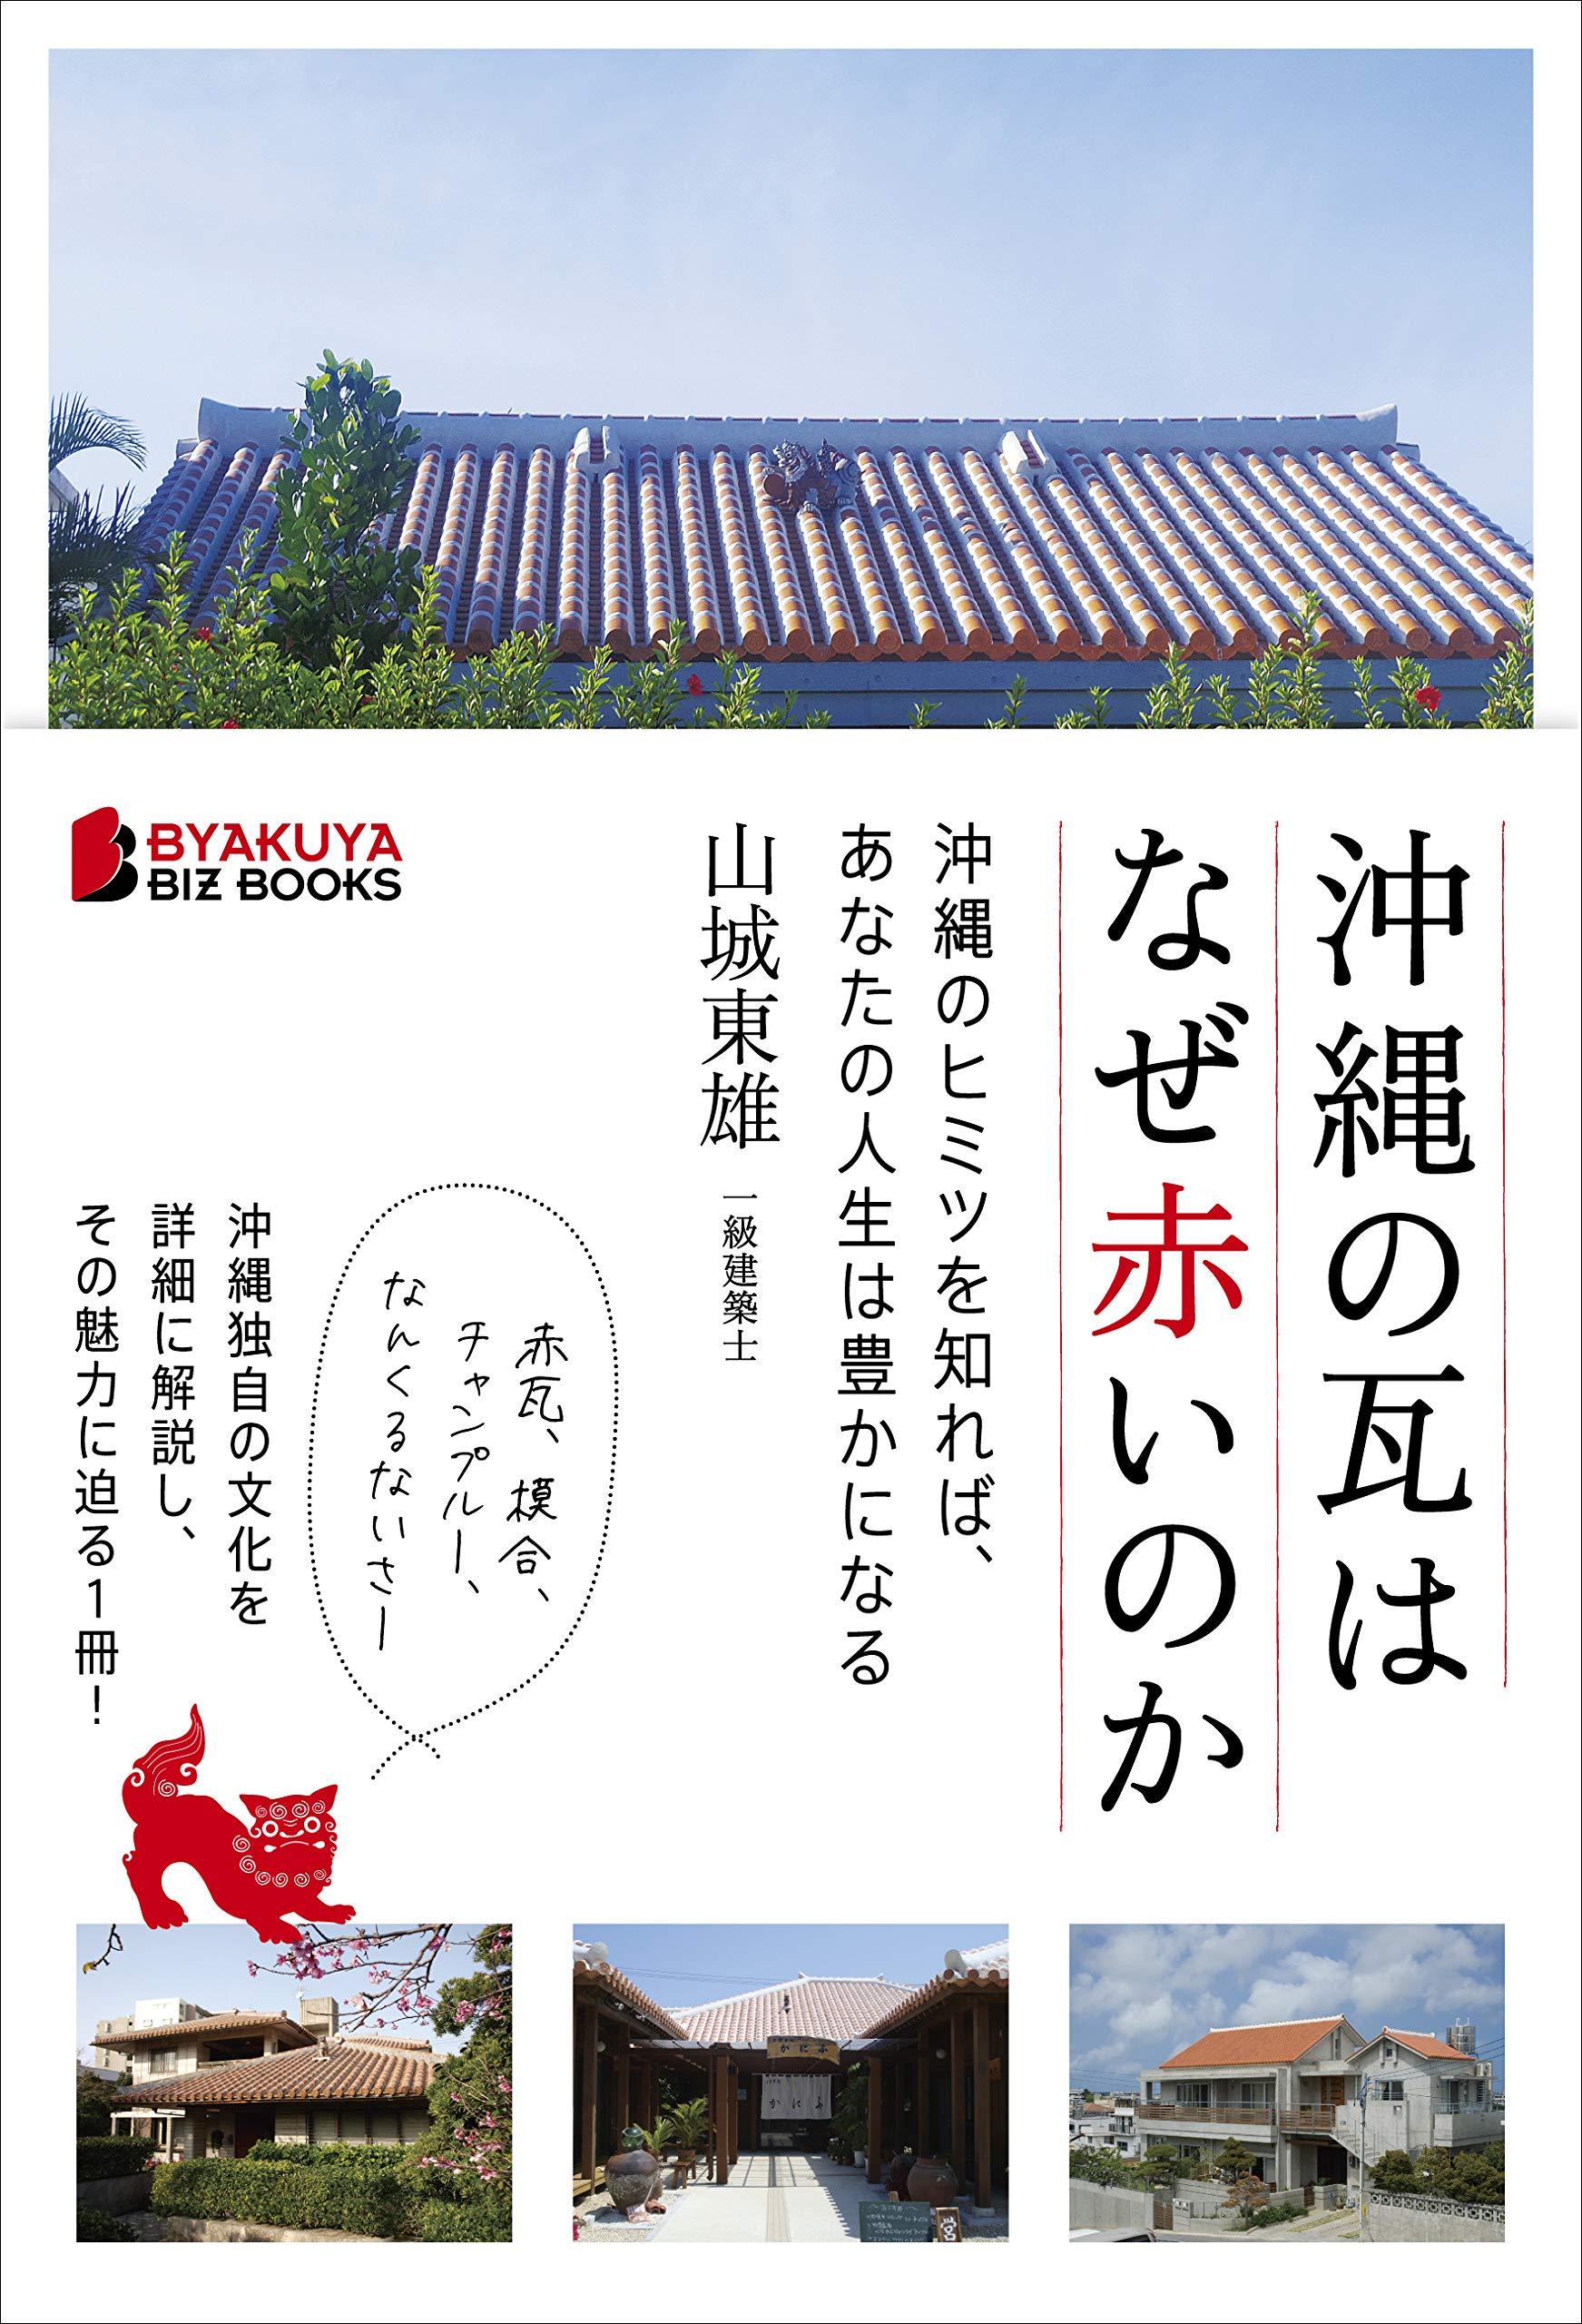 沖縄の瓦はなぜ赤いのか―沖縄のヒミツを知れば、あなたの人生は豊かになる